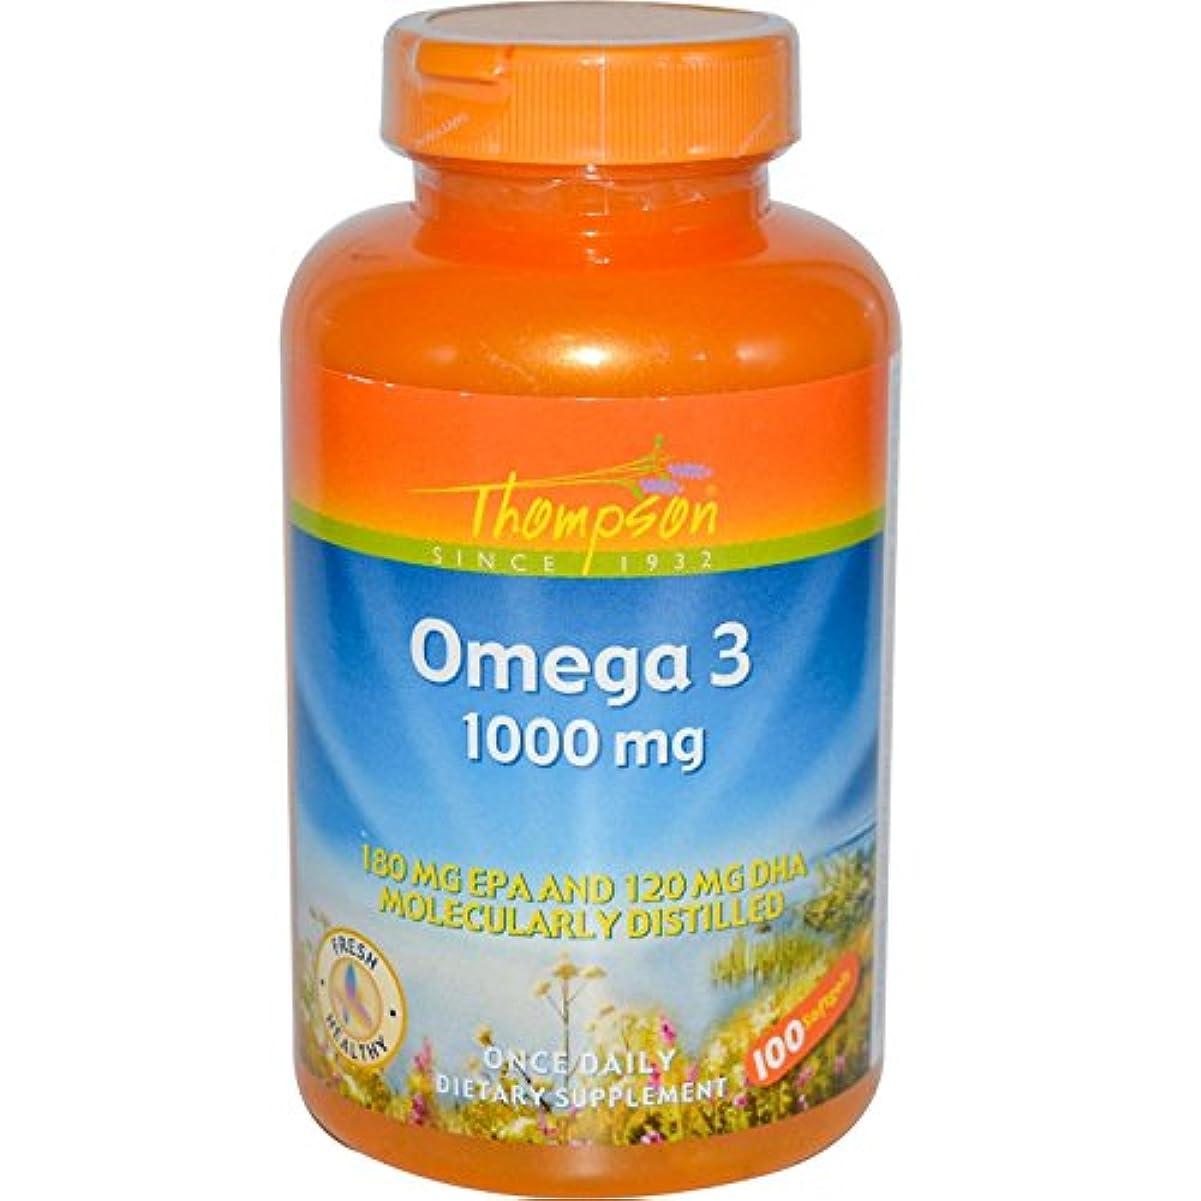 劇場より良い洪水海外直送品 Thompson Nutritional Products Omega-3 Fish Oil, 100 Sftgls 1000 MG